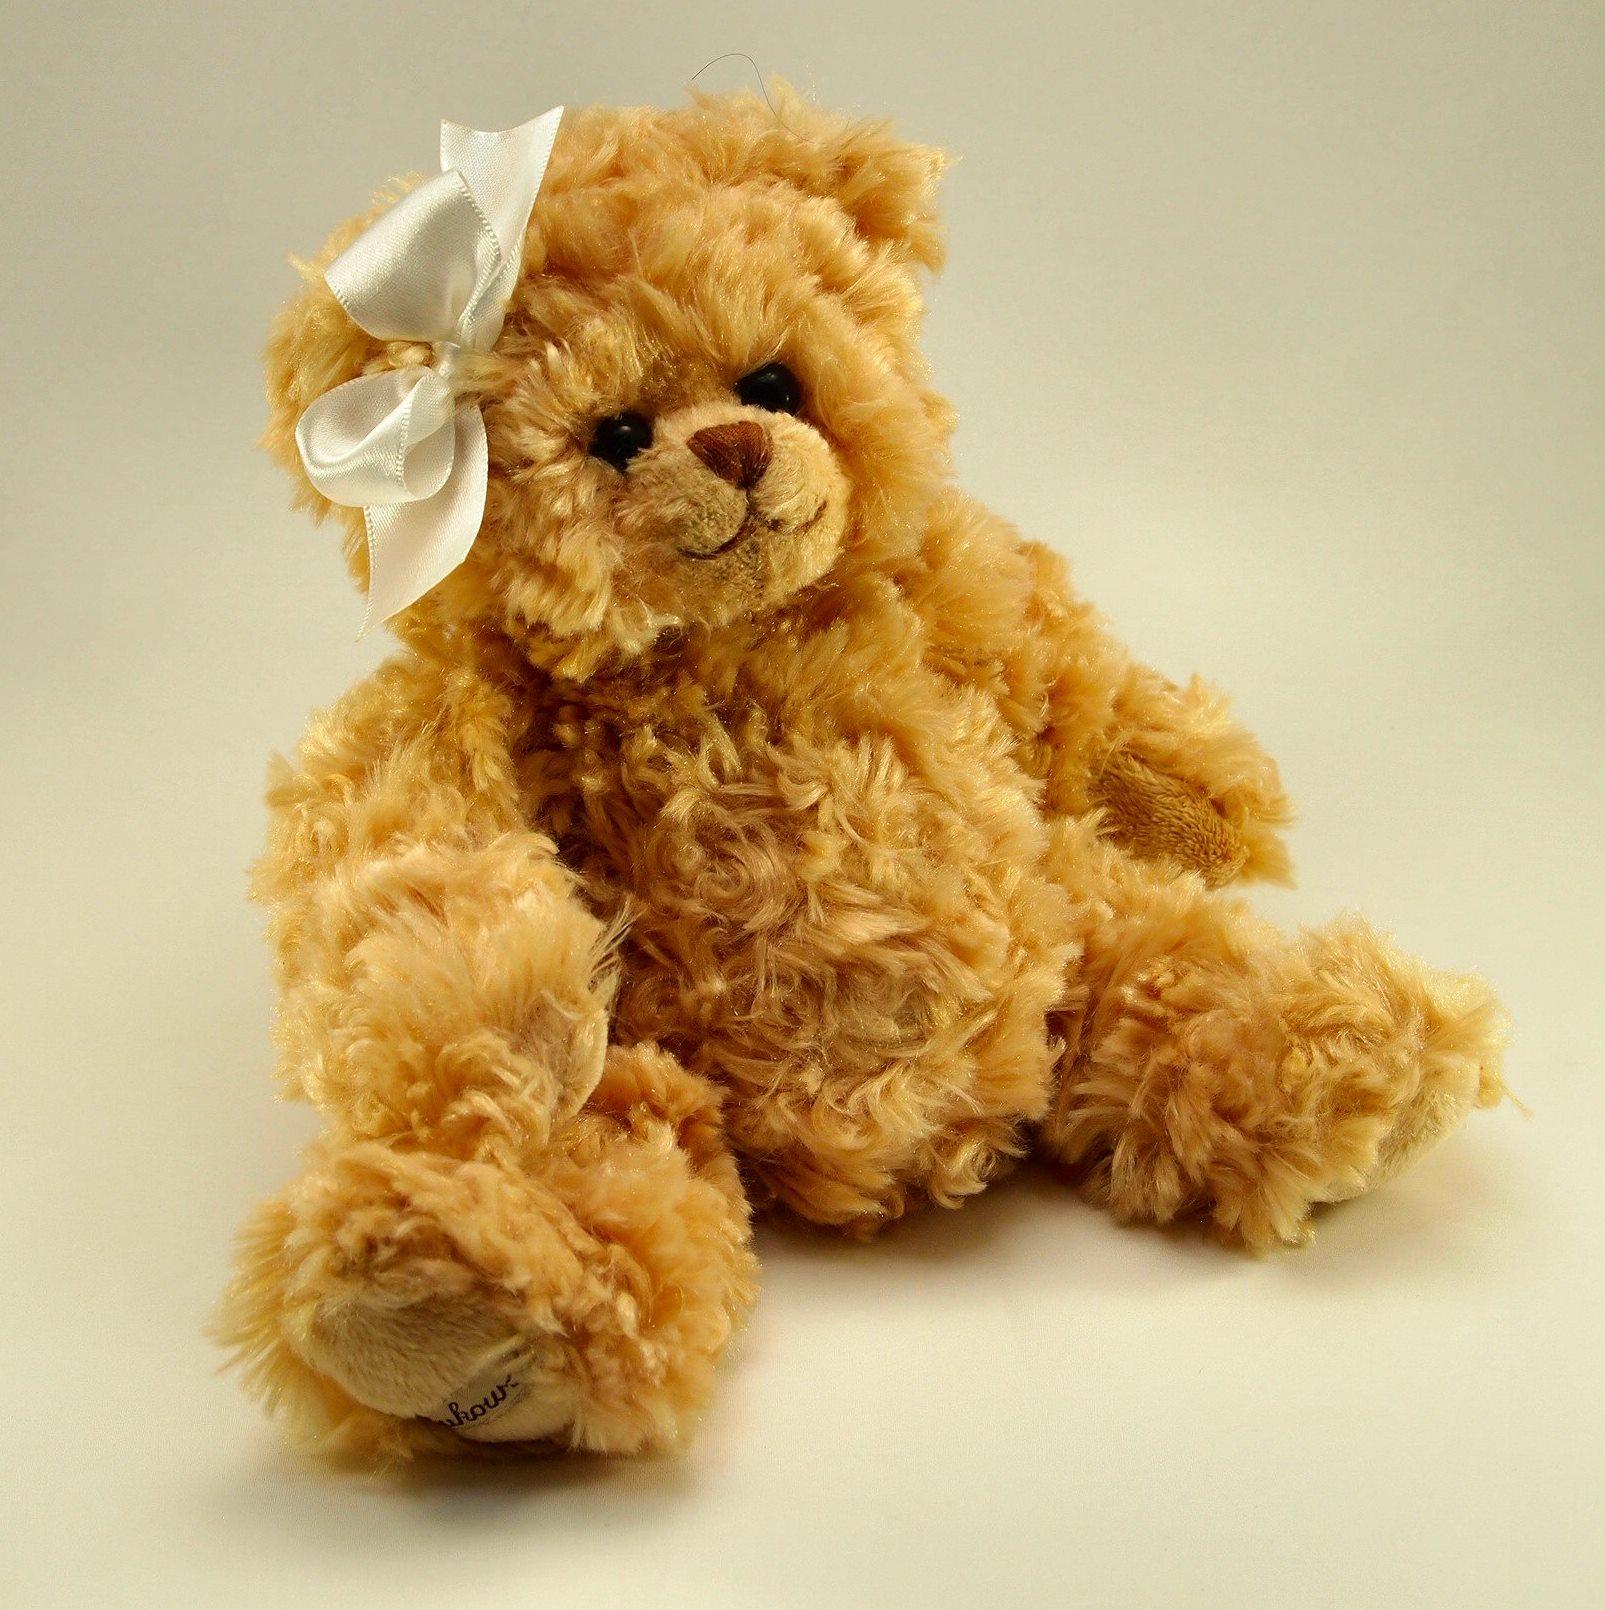 テディベア シャンティー Teddy Bear Shanti